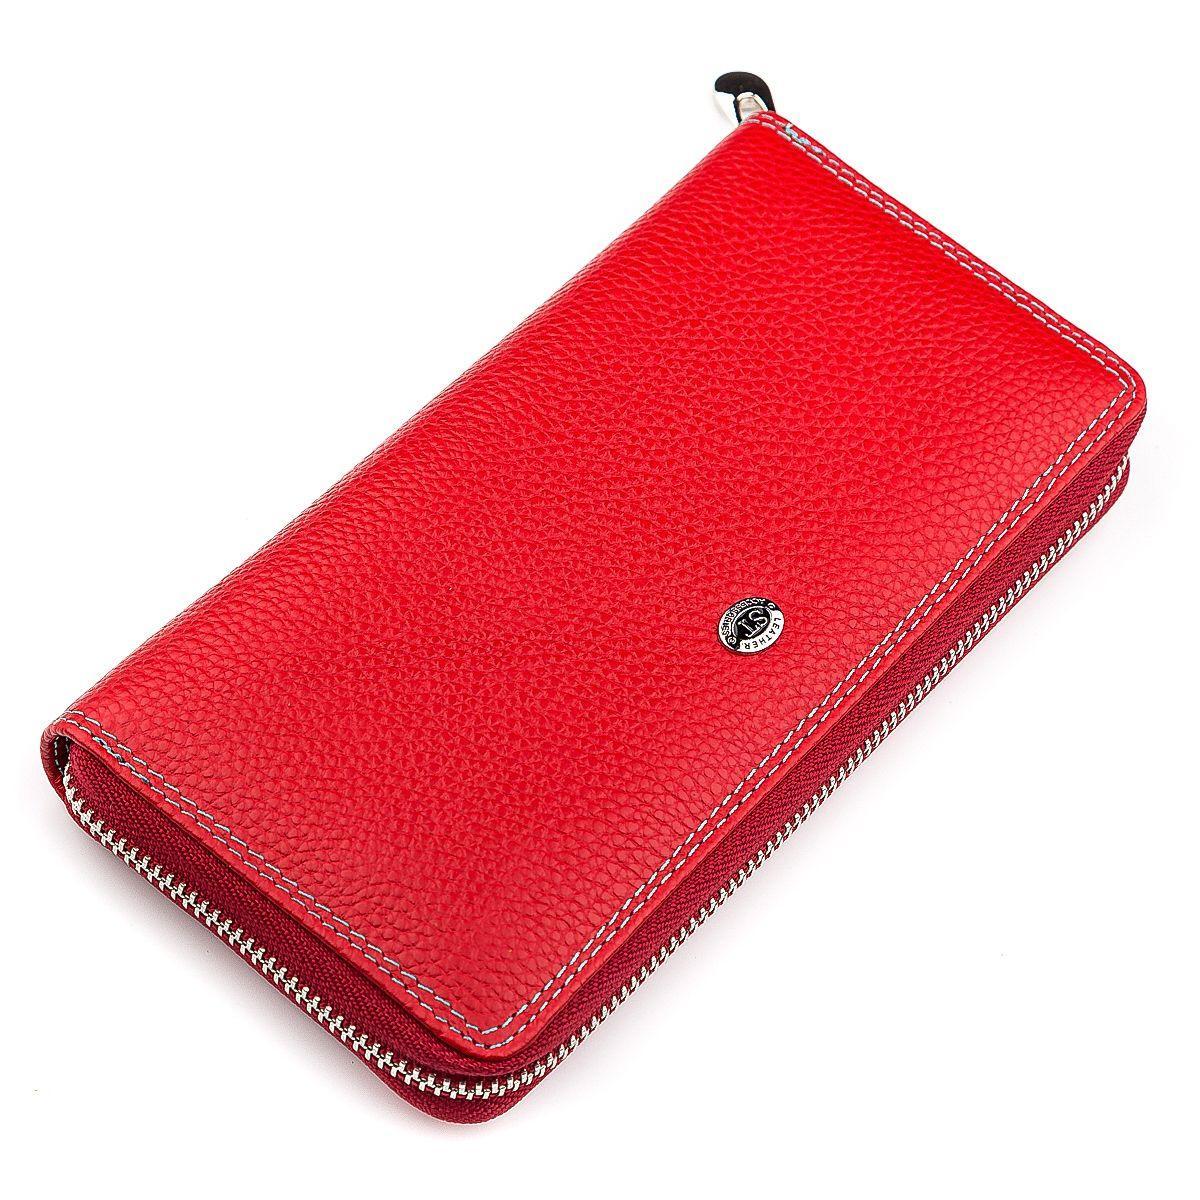 Кошелек женский ST Leather 18376 (SB71) кожаный Красный, Красный